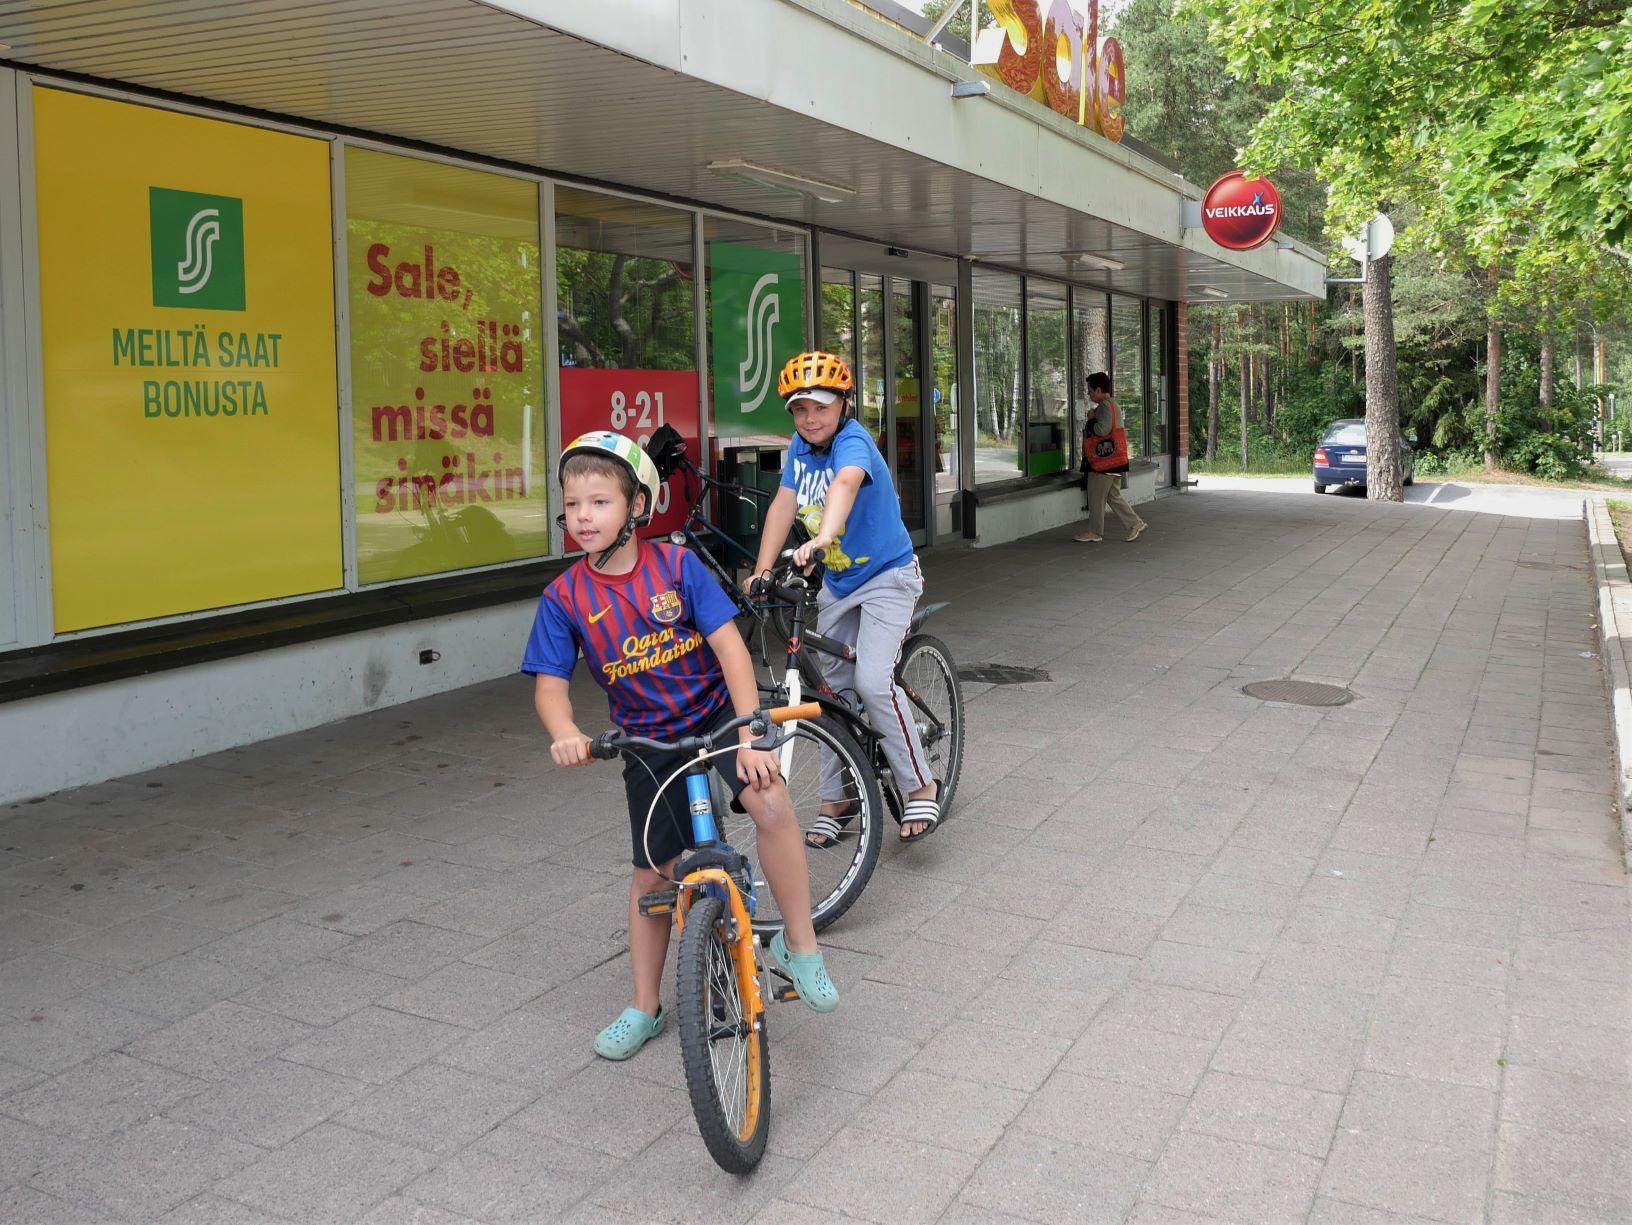 Två pojkar står på sin cykel utanför matbutik